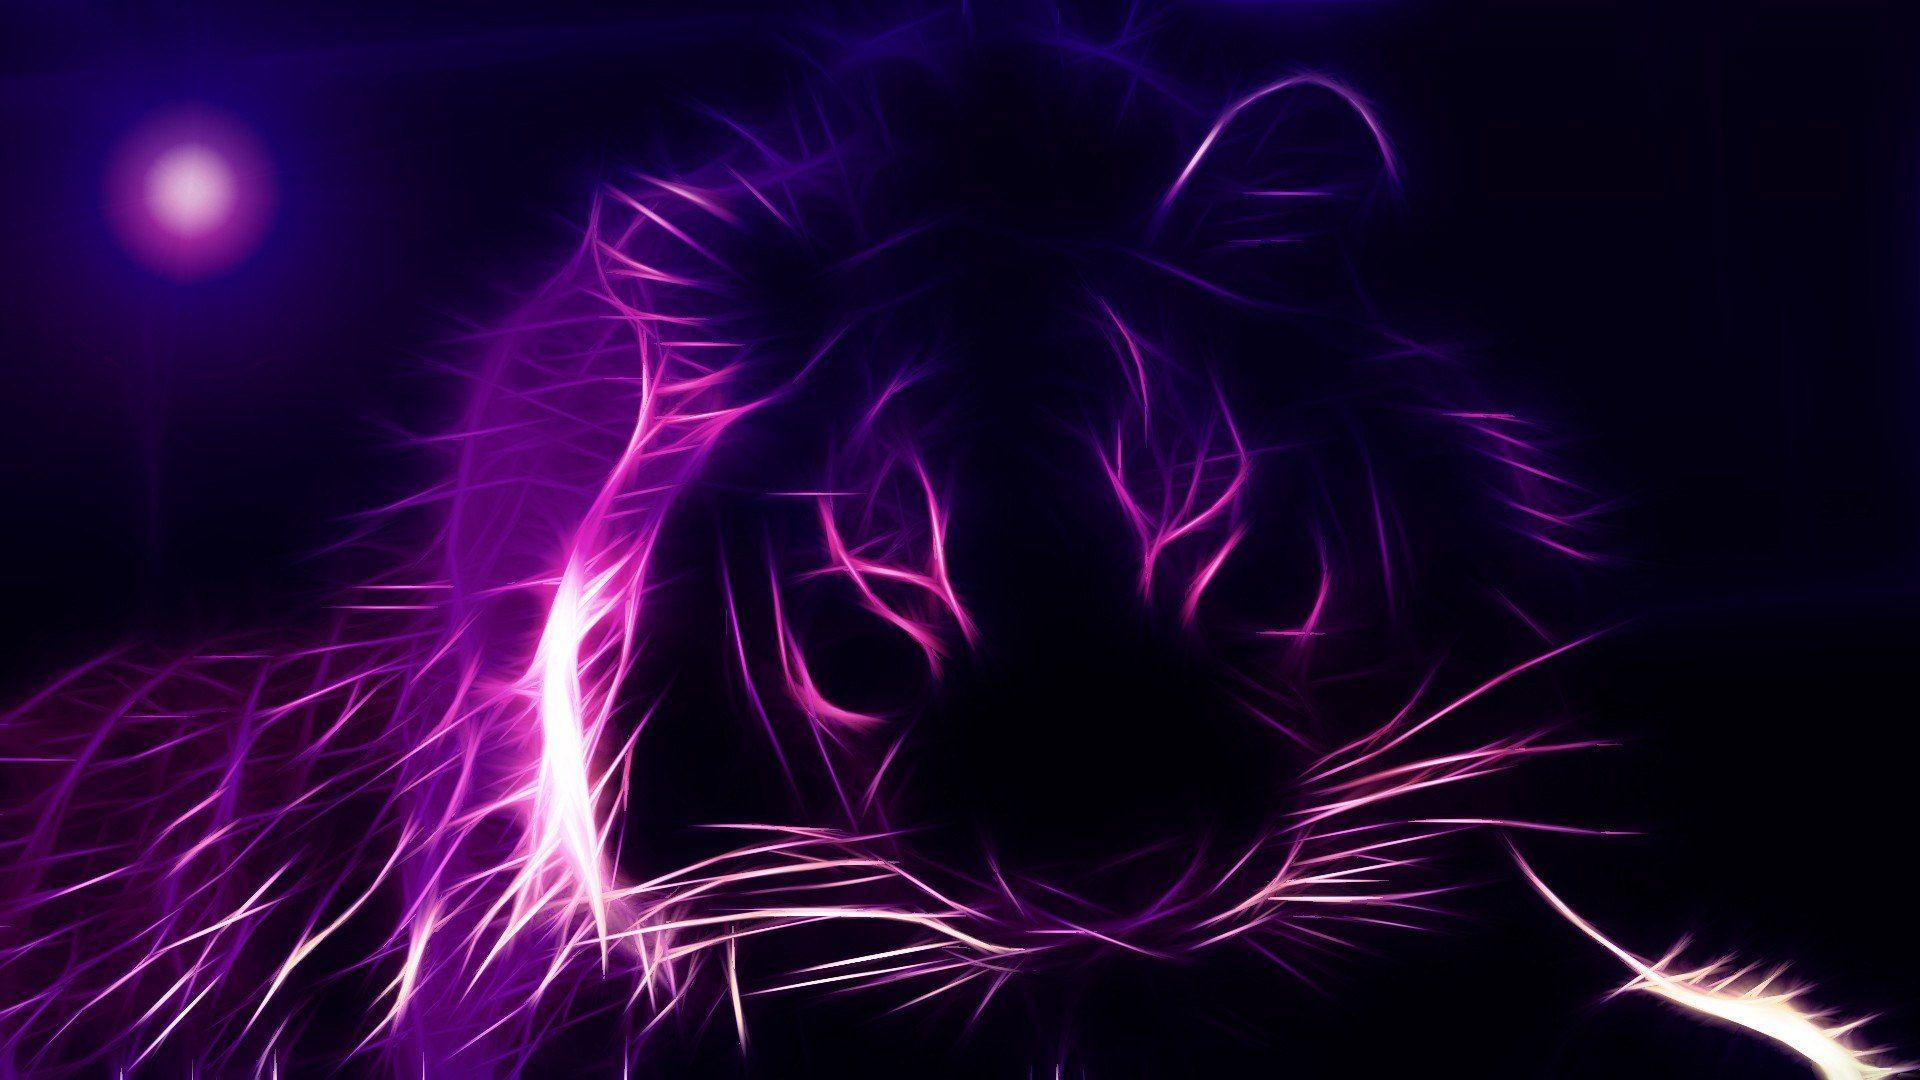 purple neon widow wallpaper - photo #25